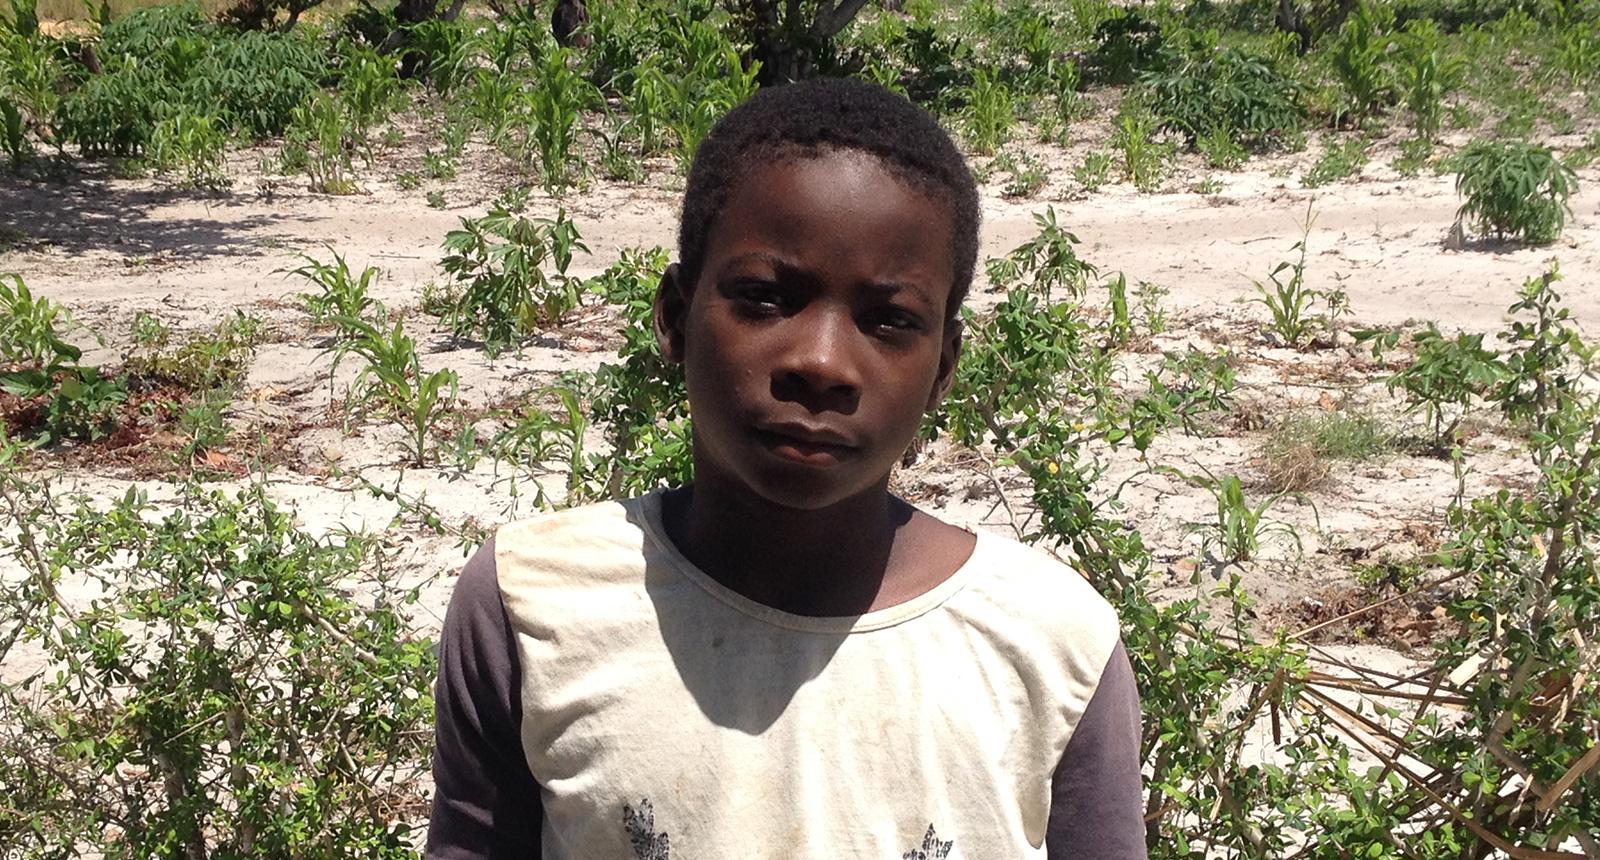 Africa donation kids kululeku Mozambique Vilanculos